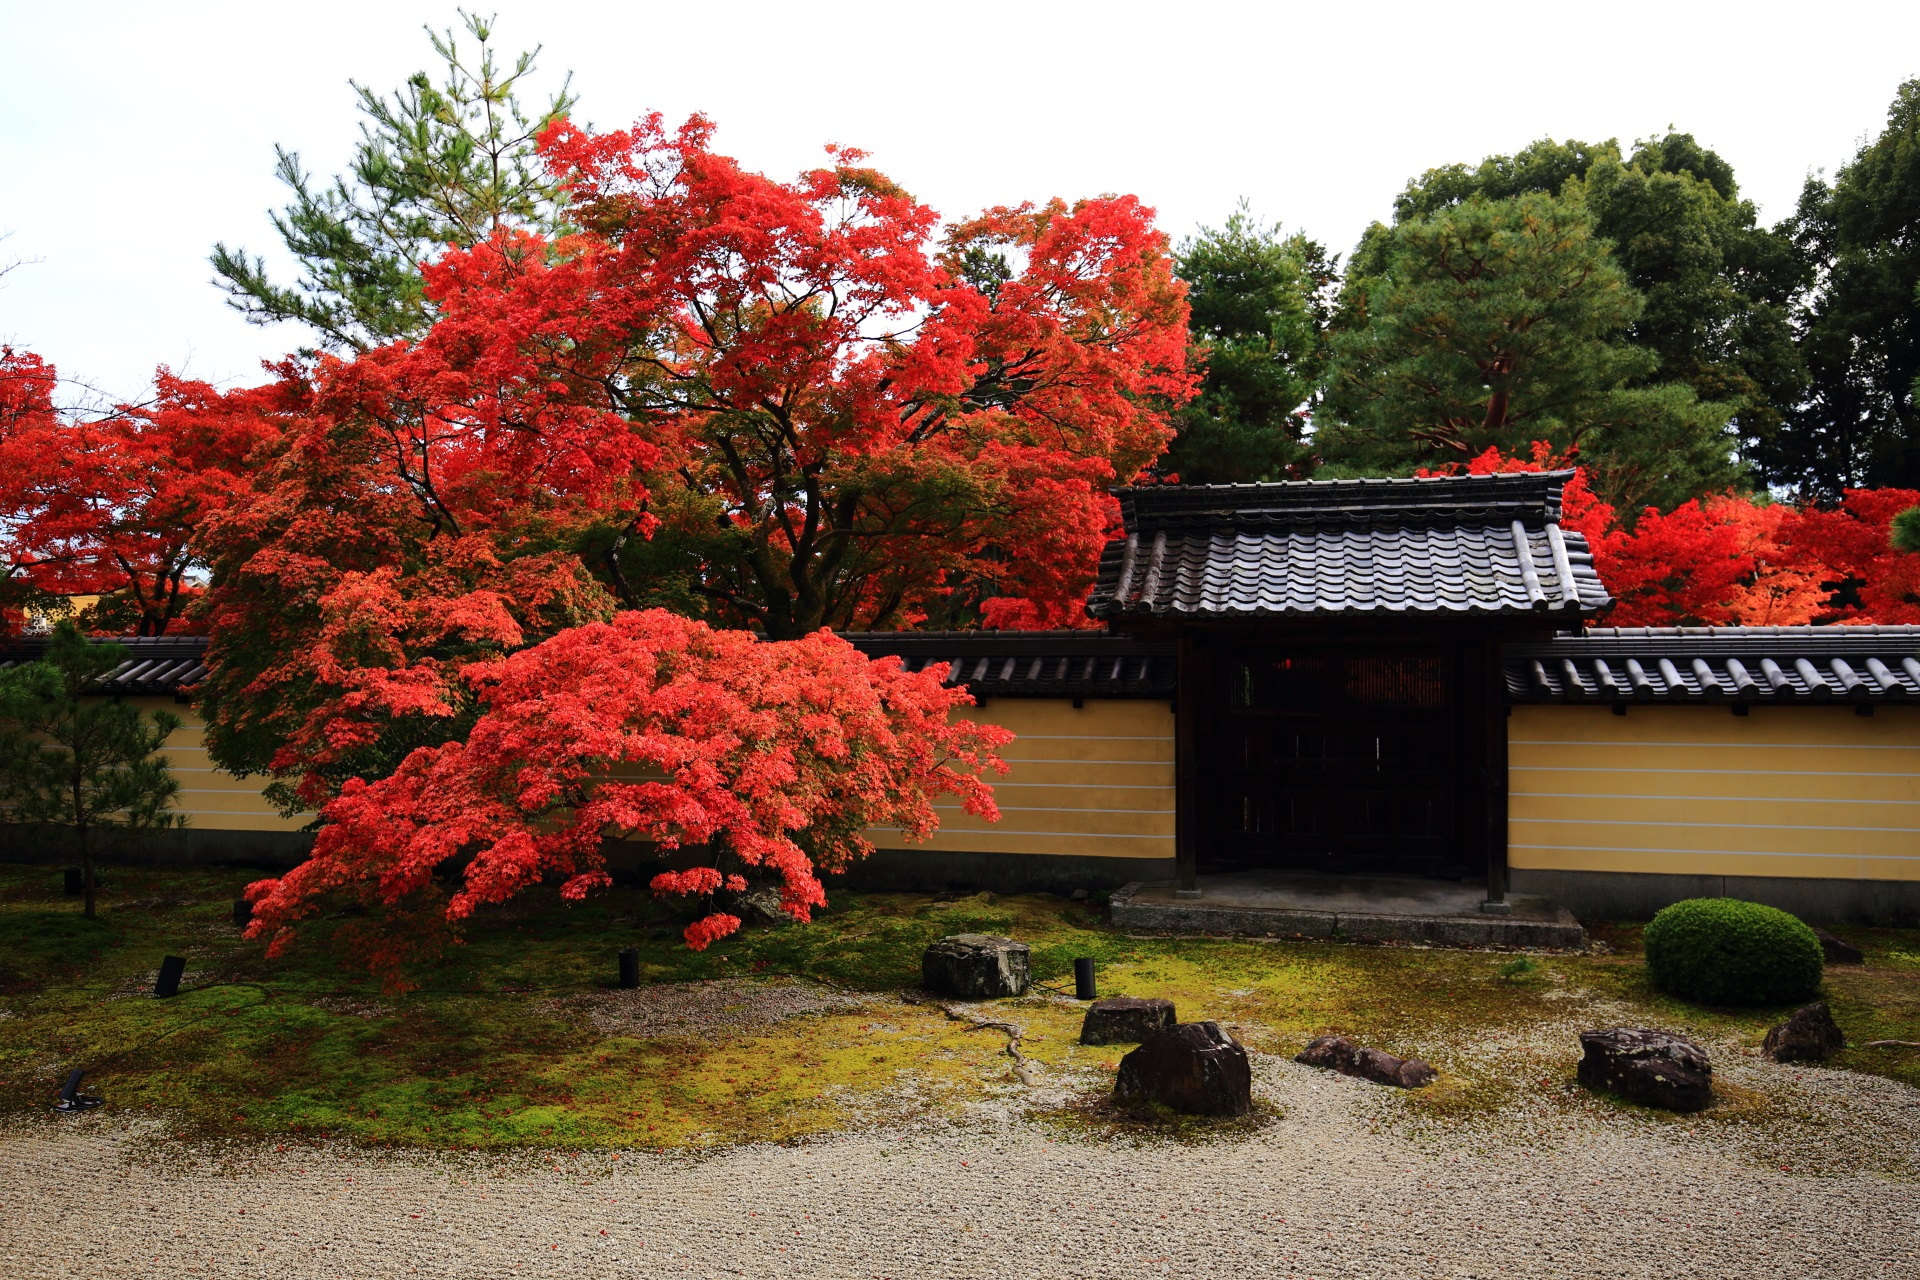 艶やかな秋色に染まる静かな名所